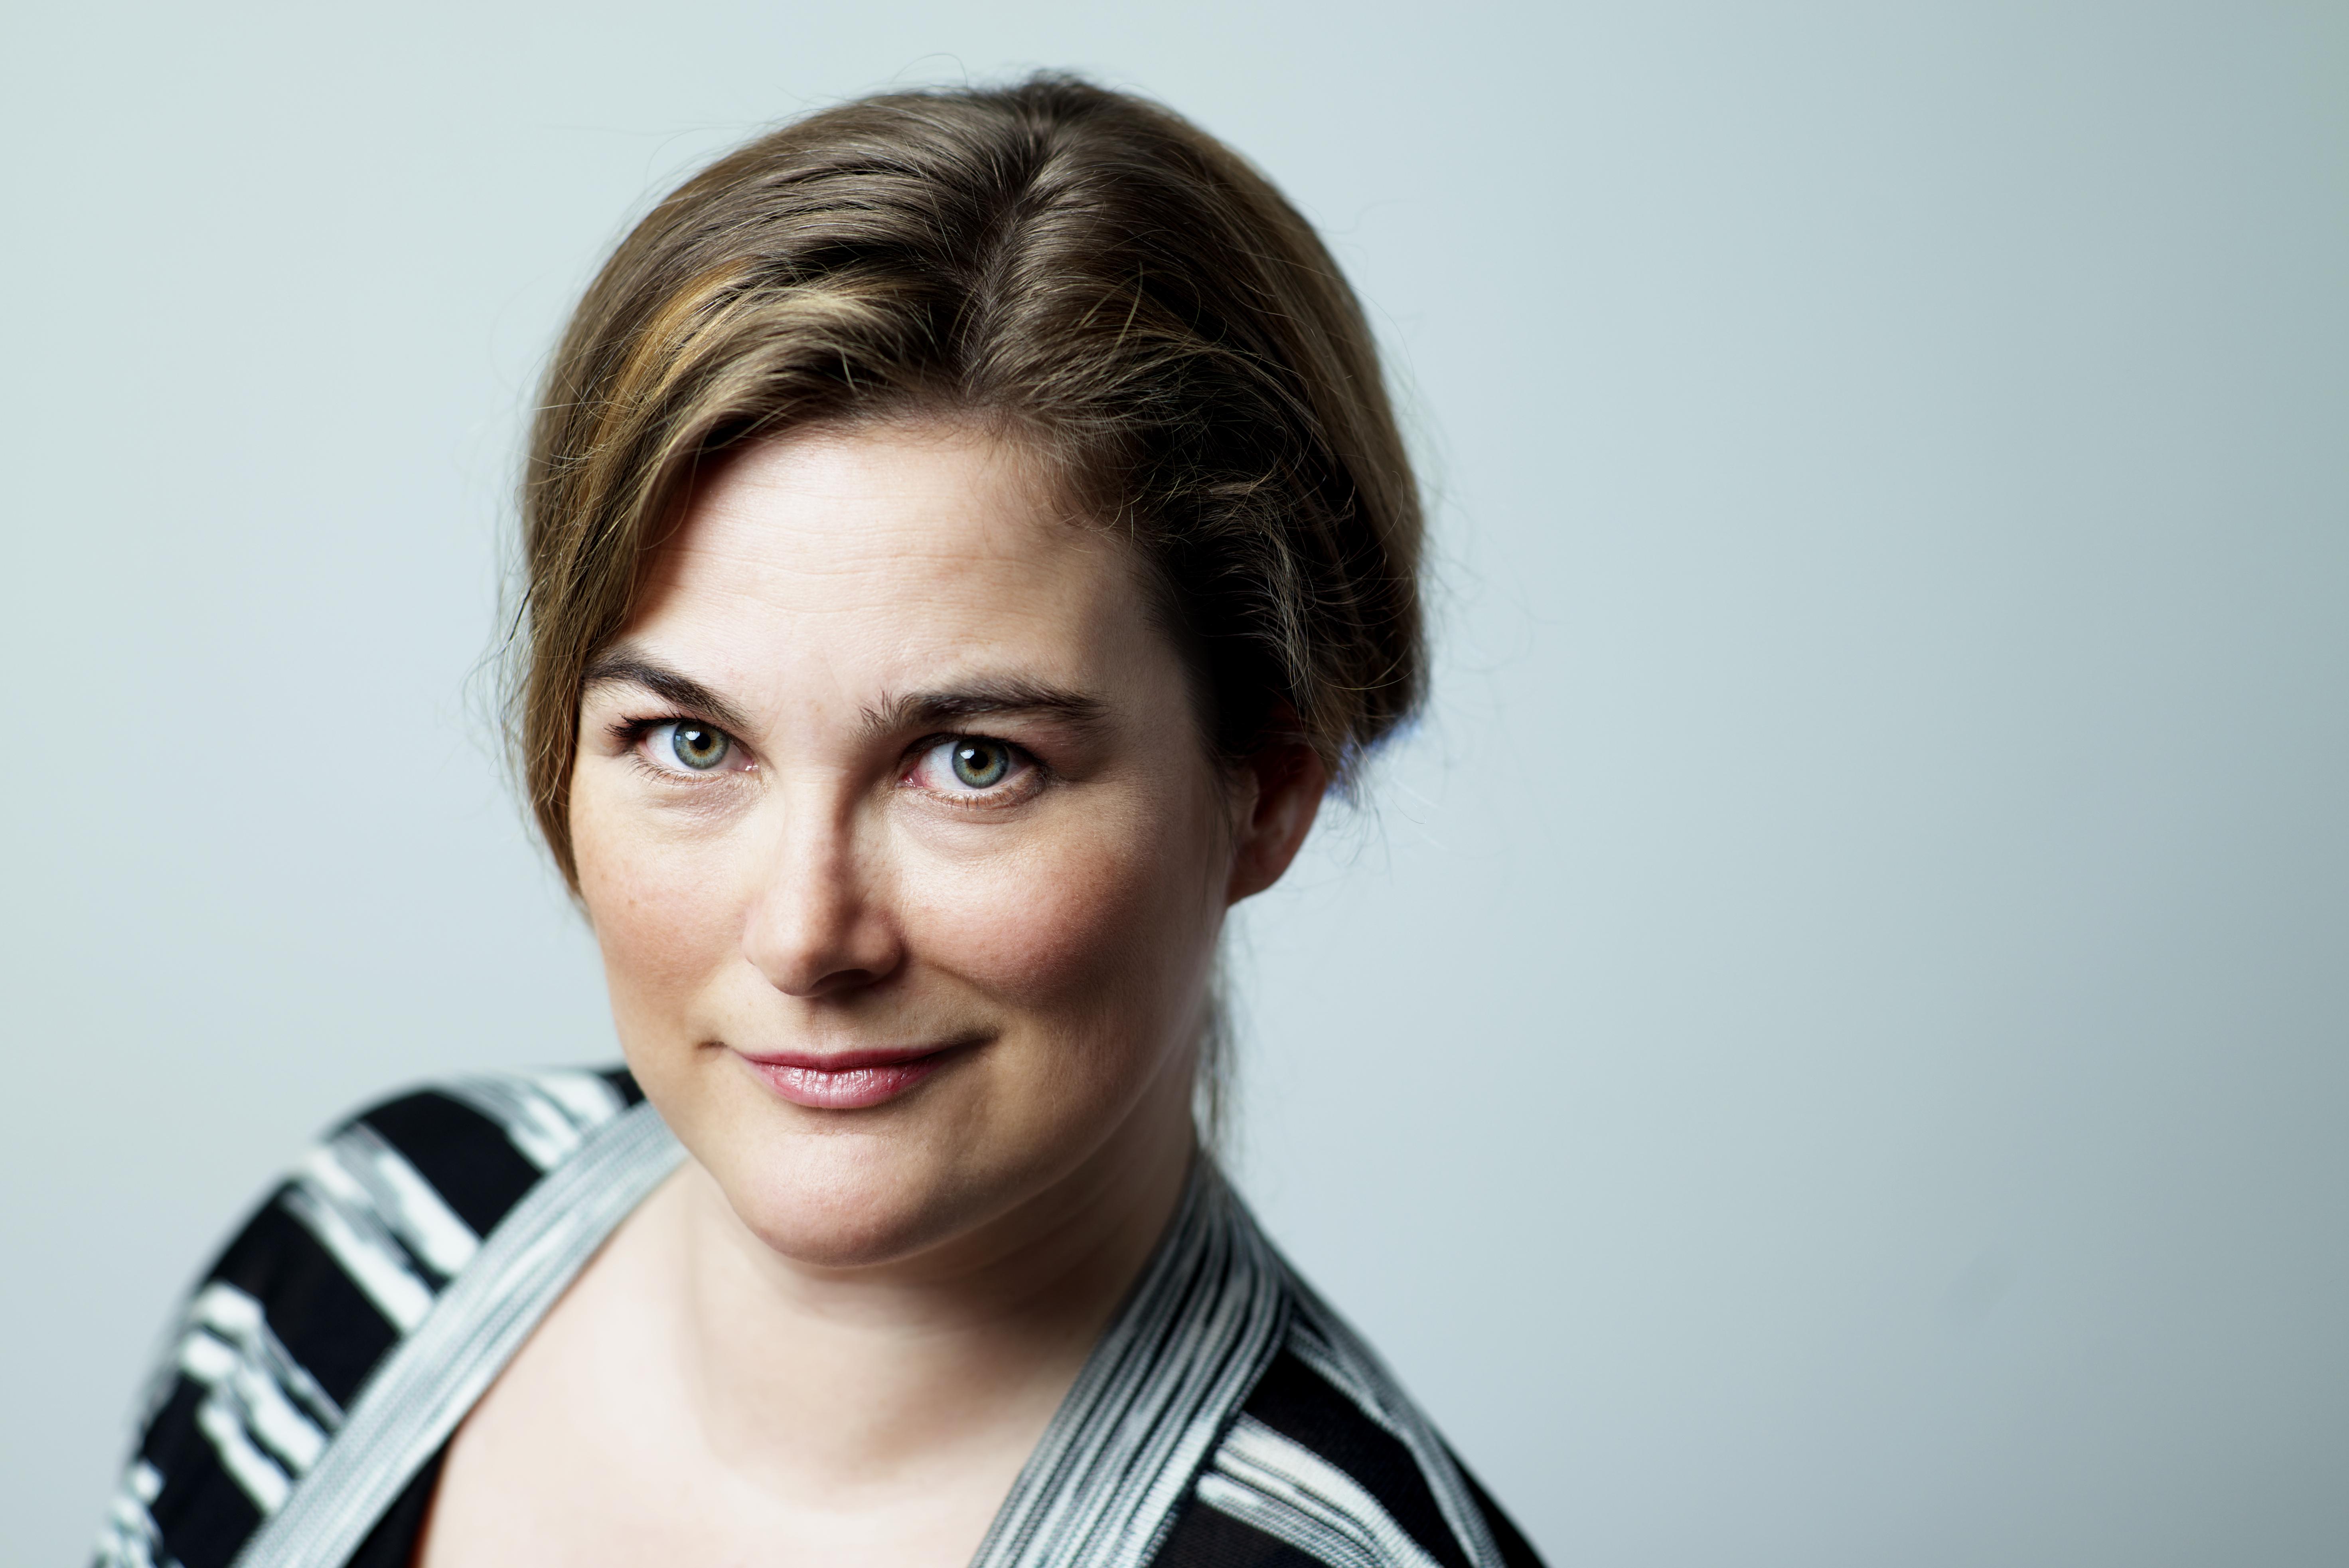 Kristina Svensson mars 2015 foto Johan Gustavsson DSC_0183 (1)